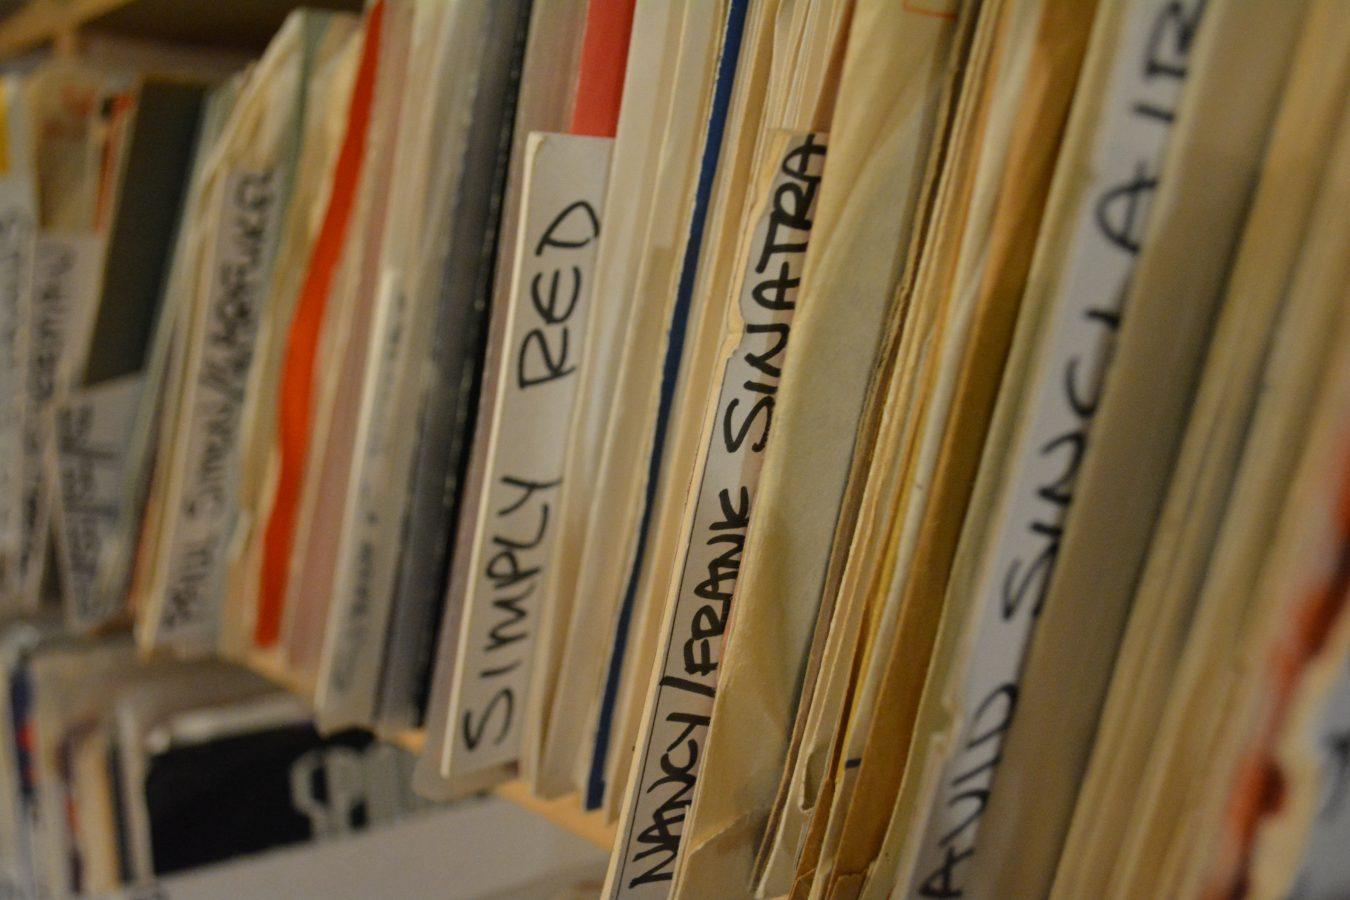 Neptoon Records